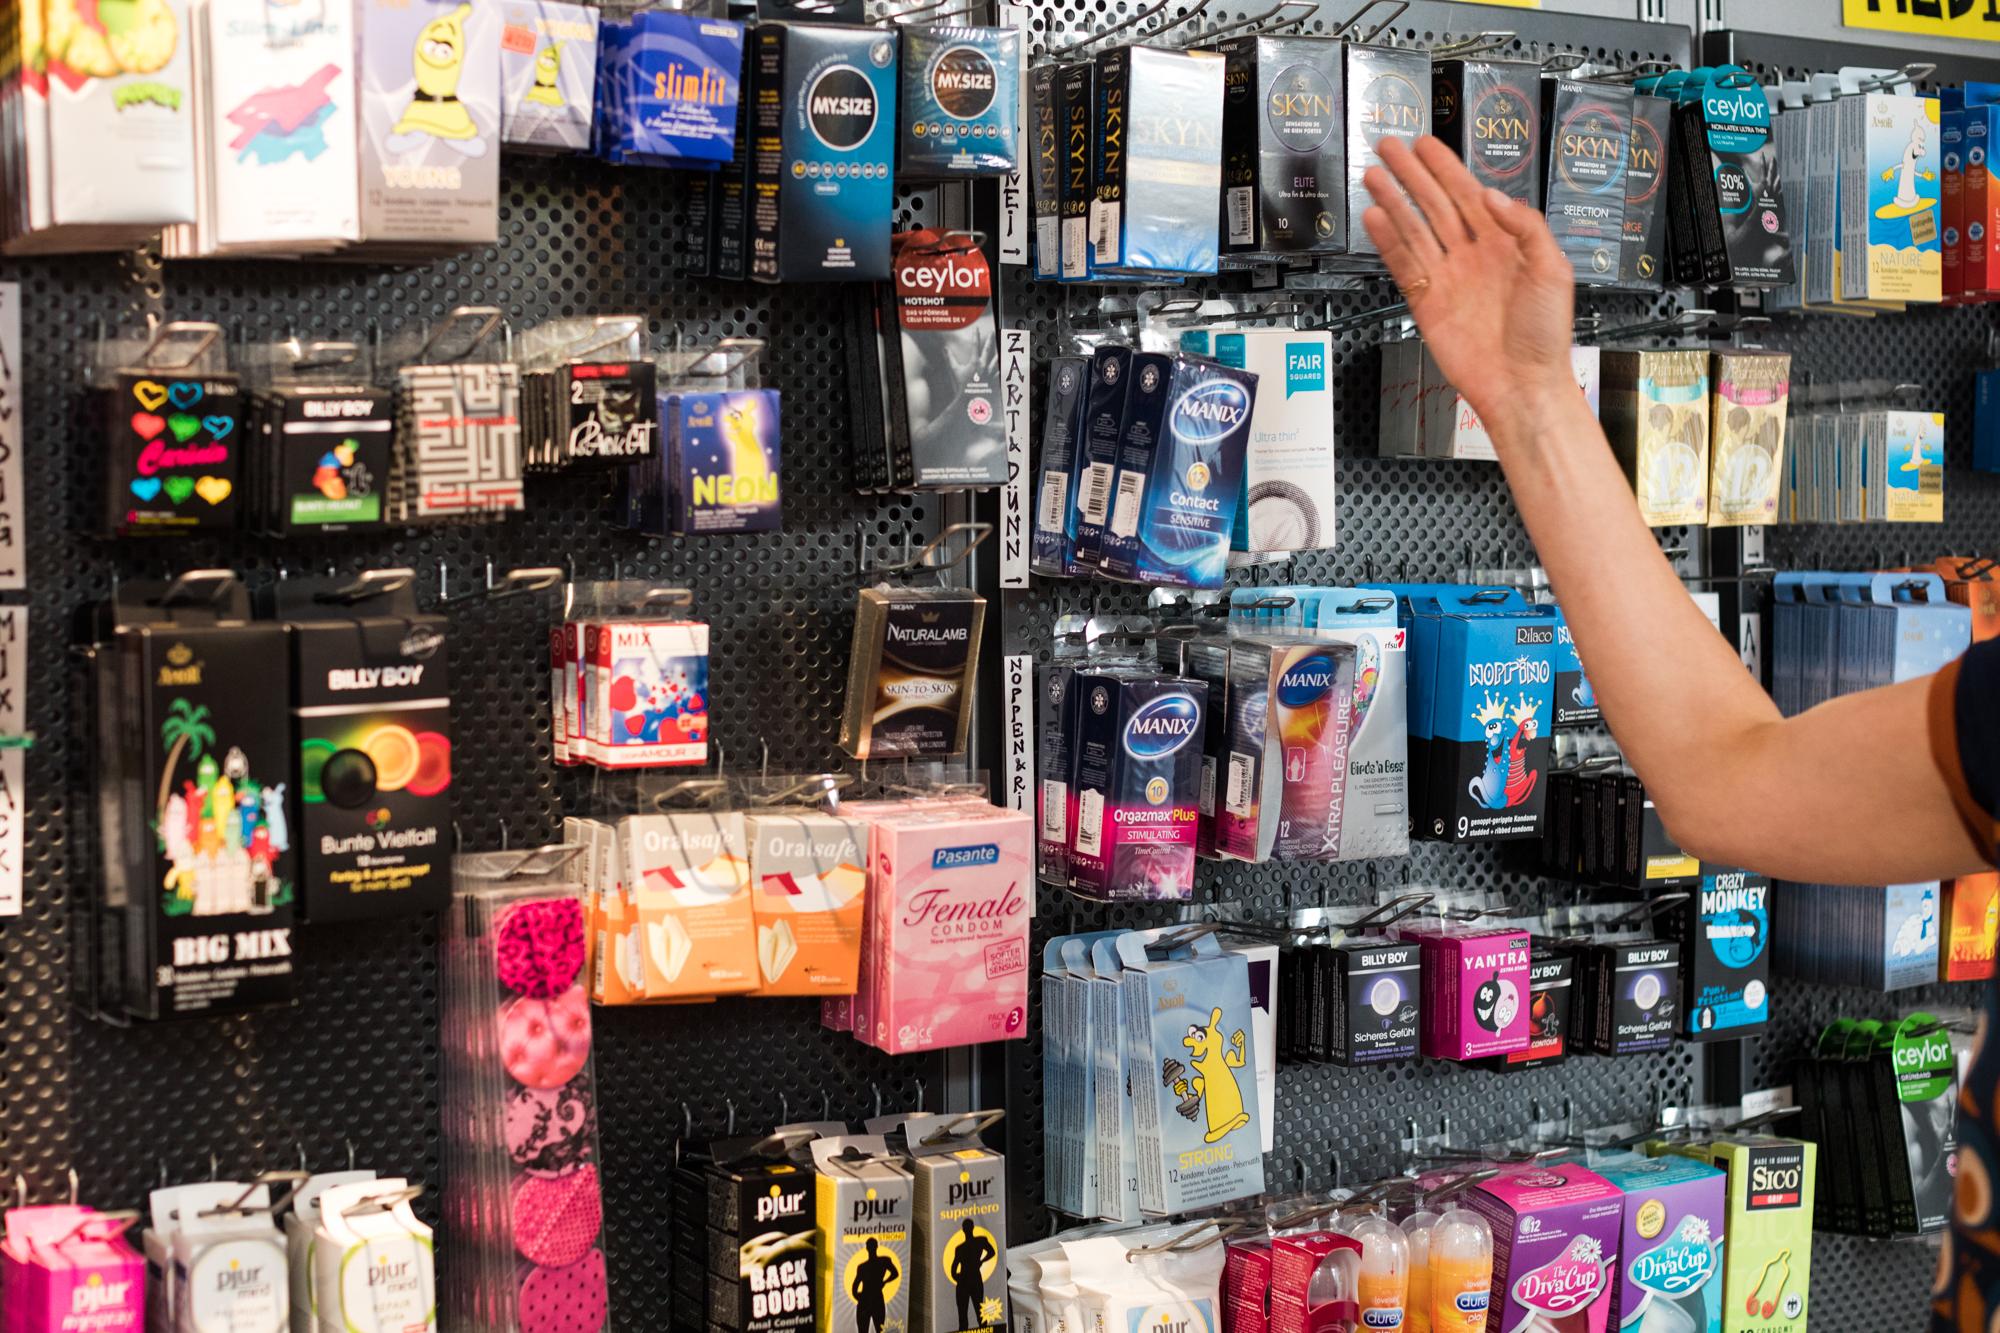 Die Condomeria in Basel muss Ende Juni 2017 schliessen.